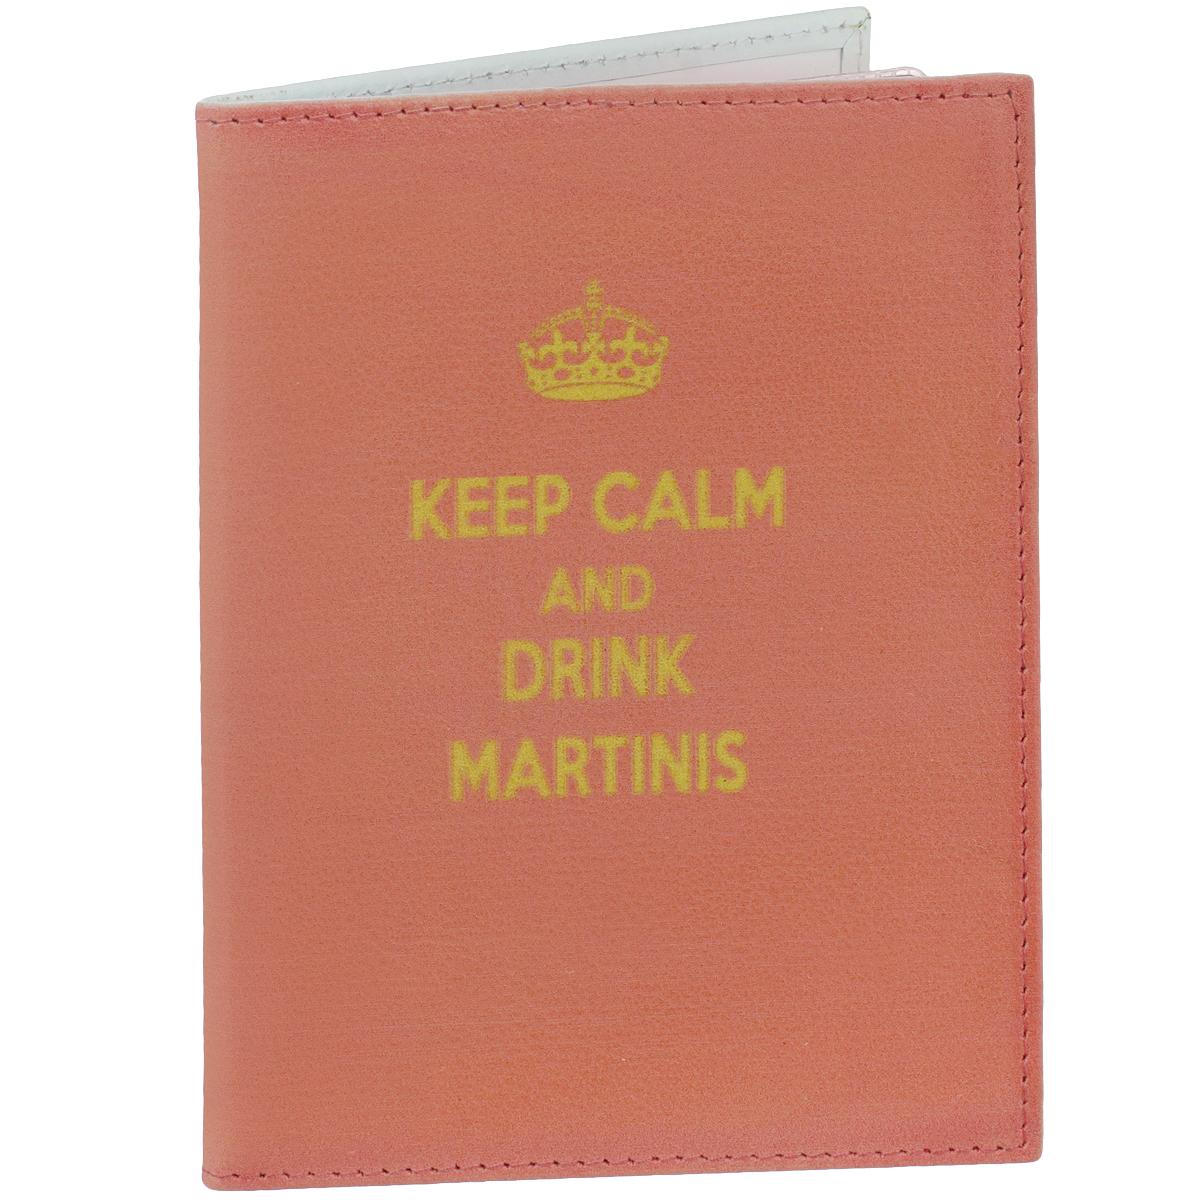 Обложка для автодокументов Perfecto Drink Martinis. VD-PT-39VD-PT-39Обложка для автодокументов Perfecto Drink Martinis, изготовленная из натуральной кожи, оформлена надписью: Keep Calm And Drink Martinis. Внутри содержится несъемный блок из 6 прозрачных пластиковых кармашков разного размера, а также 4 прорезных кармана для пластиковых карт. Обложка не только поможет сохранить внешний вид ваших документов и защитить их от повреждений, но и станет стильным аксессуаром, идеально подходящим вашему образу. Обложка для документов стильного дизайна может быть достойным и оригинальным подарком.